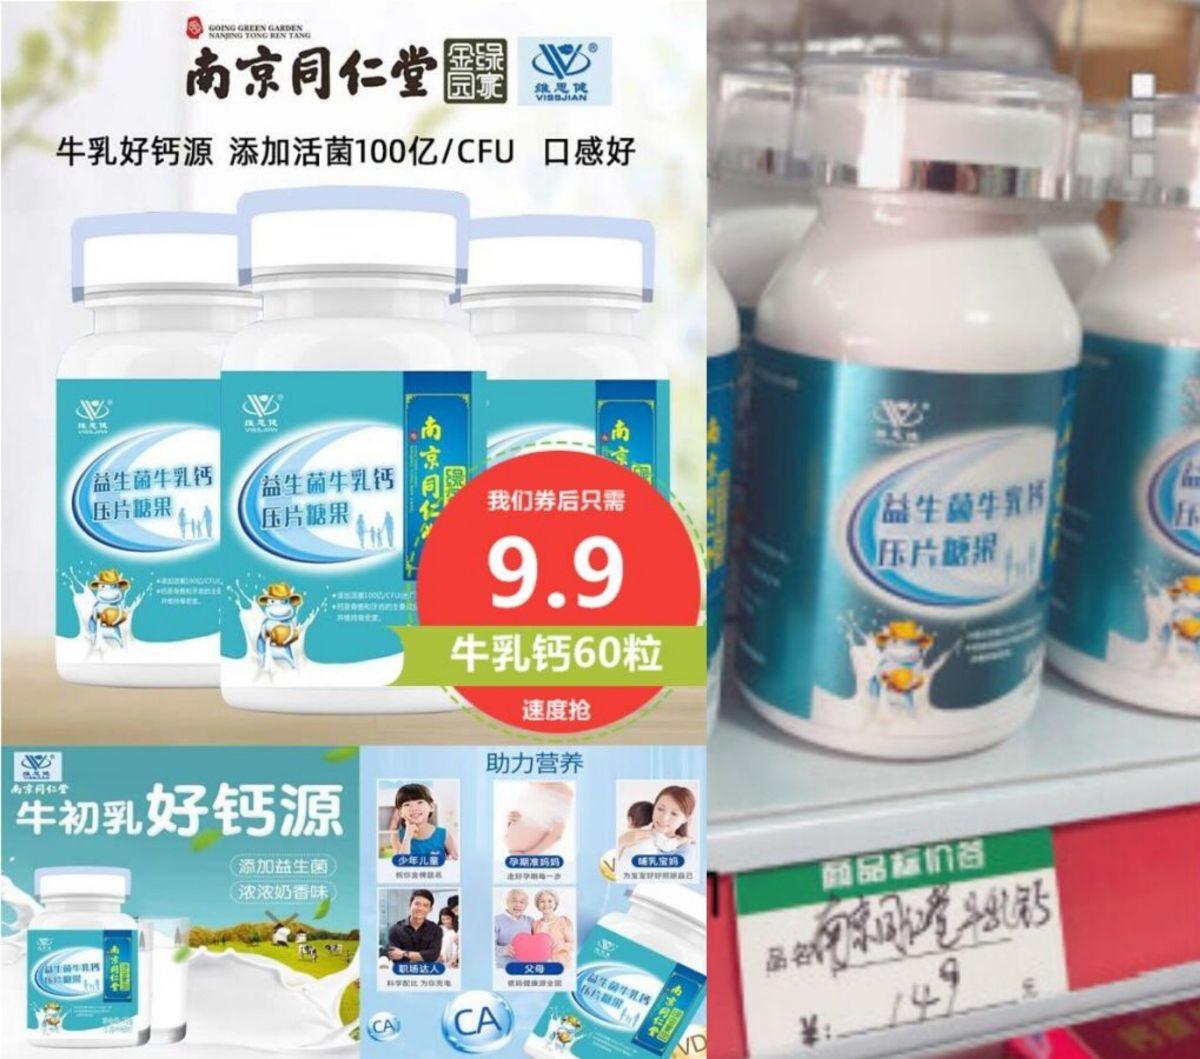 9.9元60粒同仁堂益生菌牛乳钙片